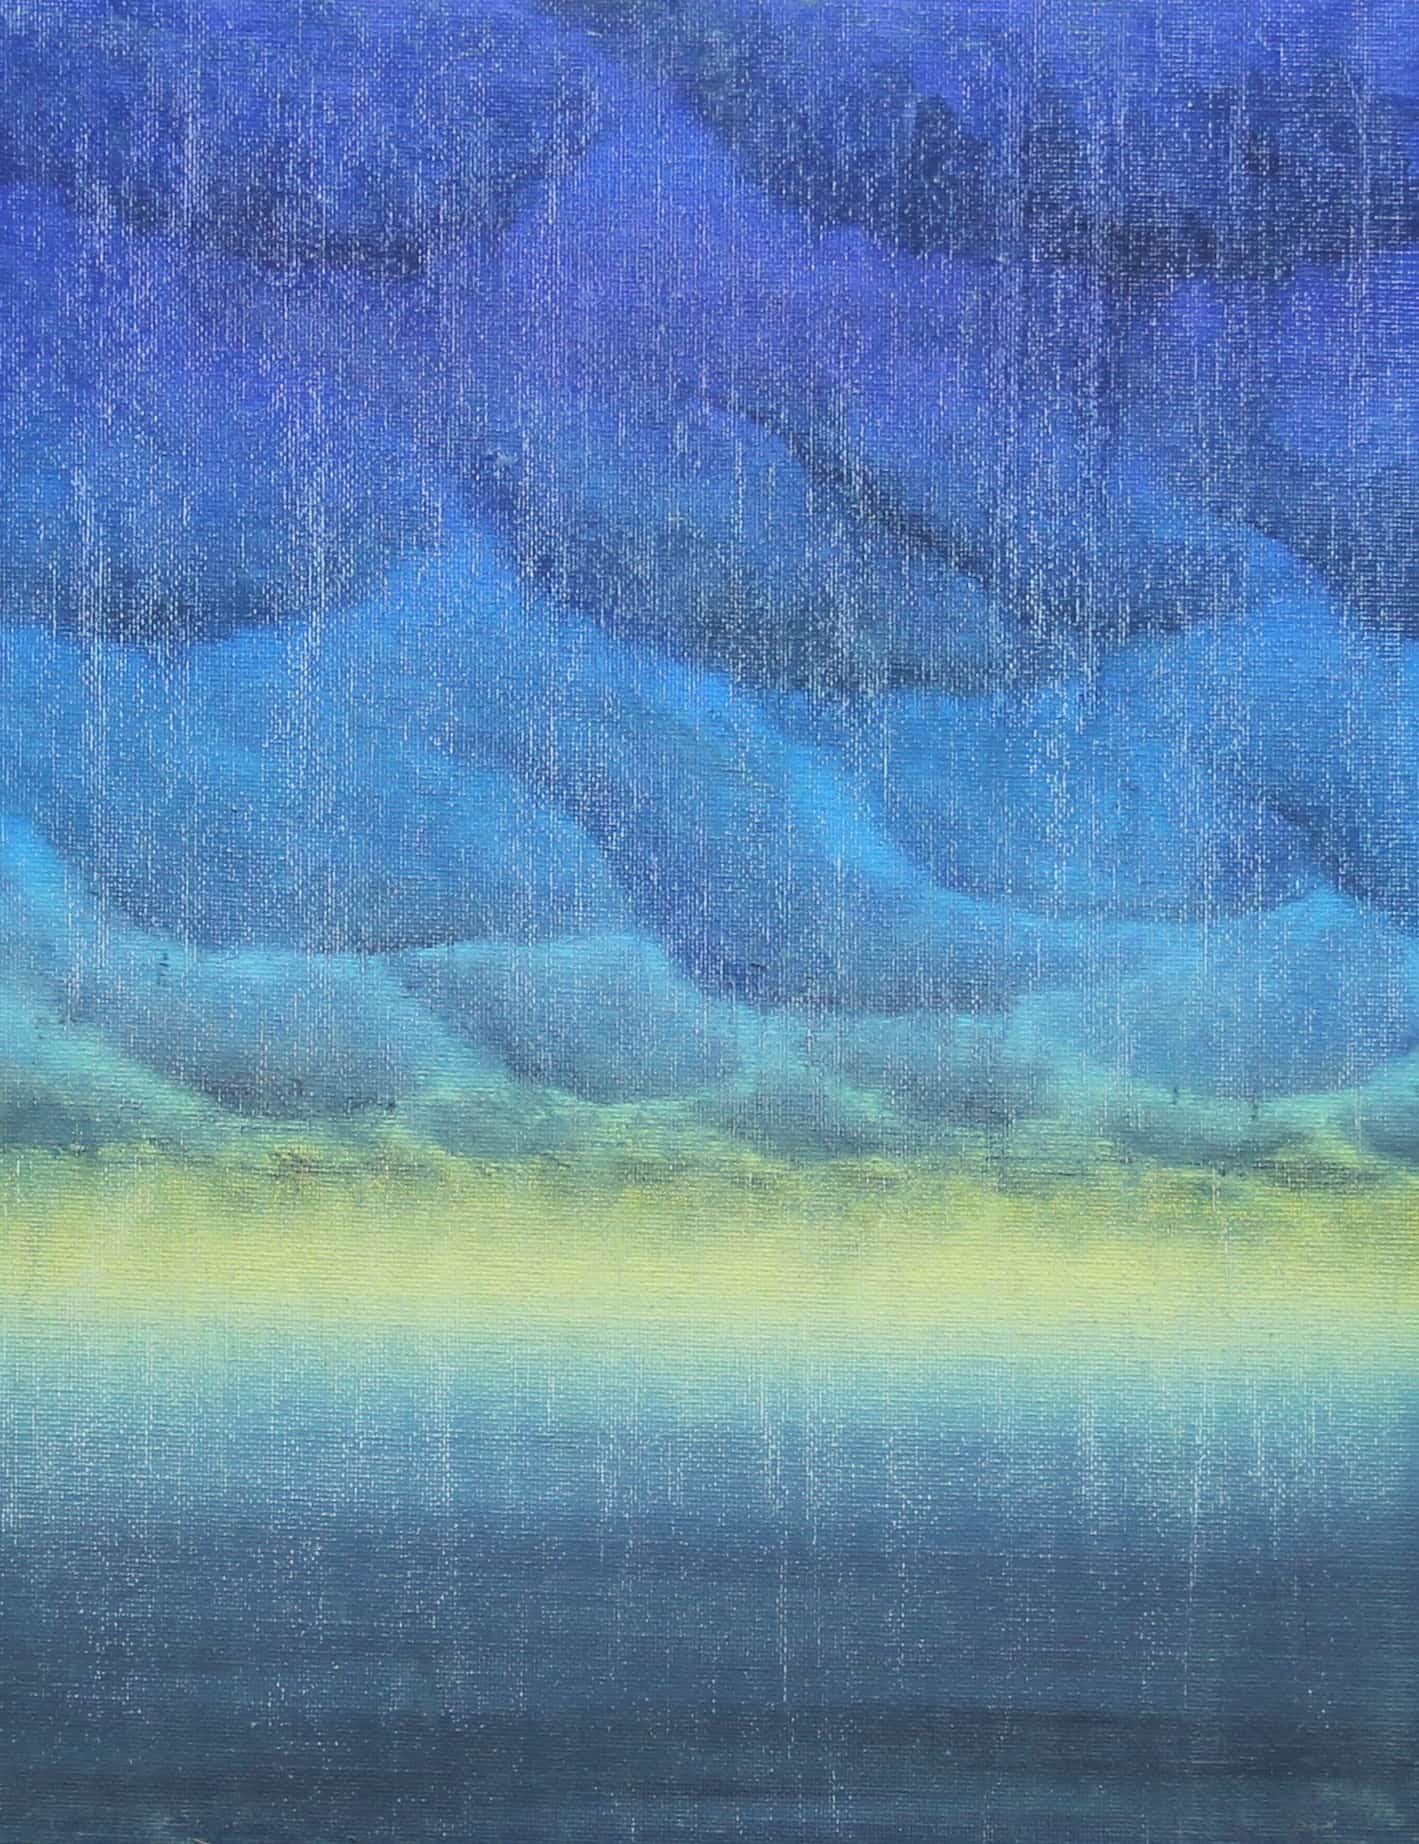 rain-acrylic-14-x-11-in